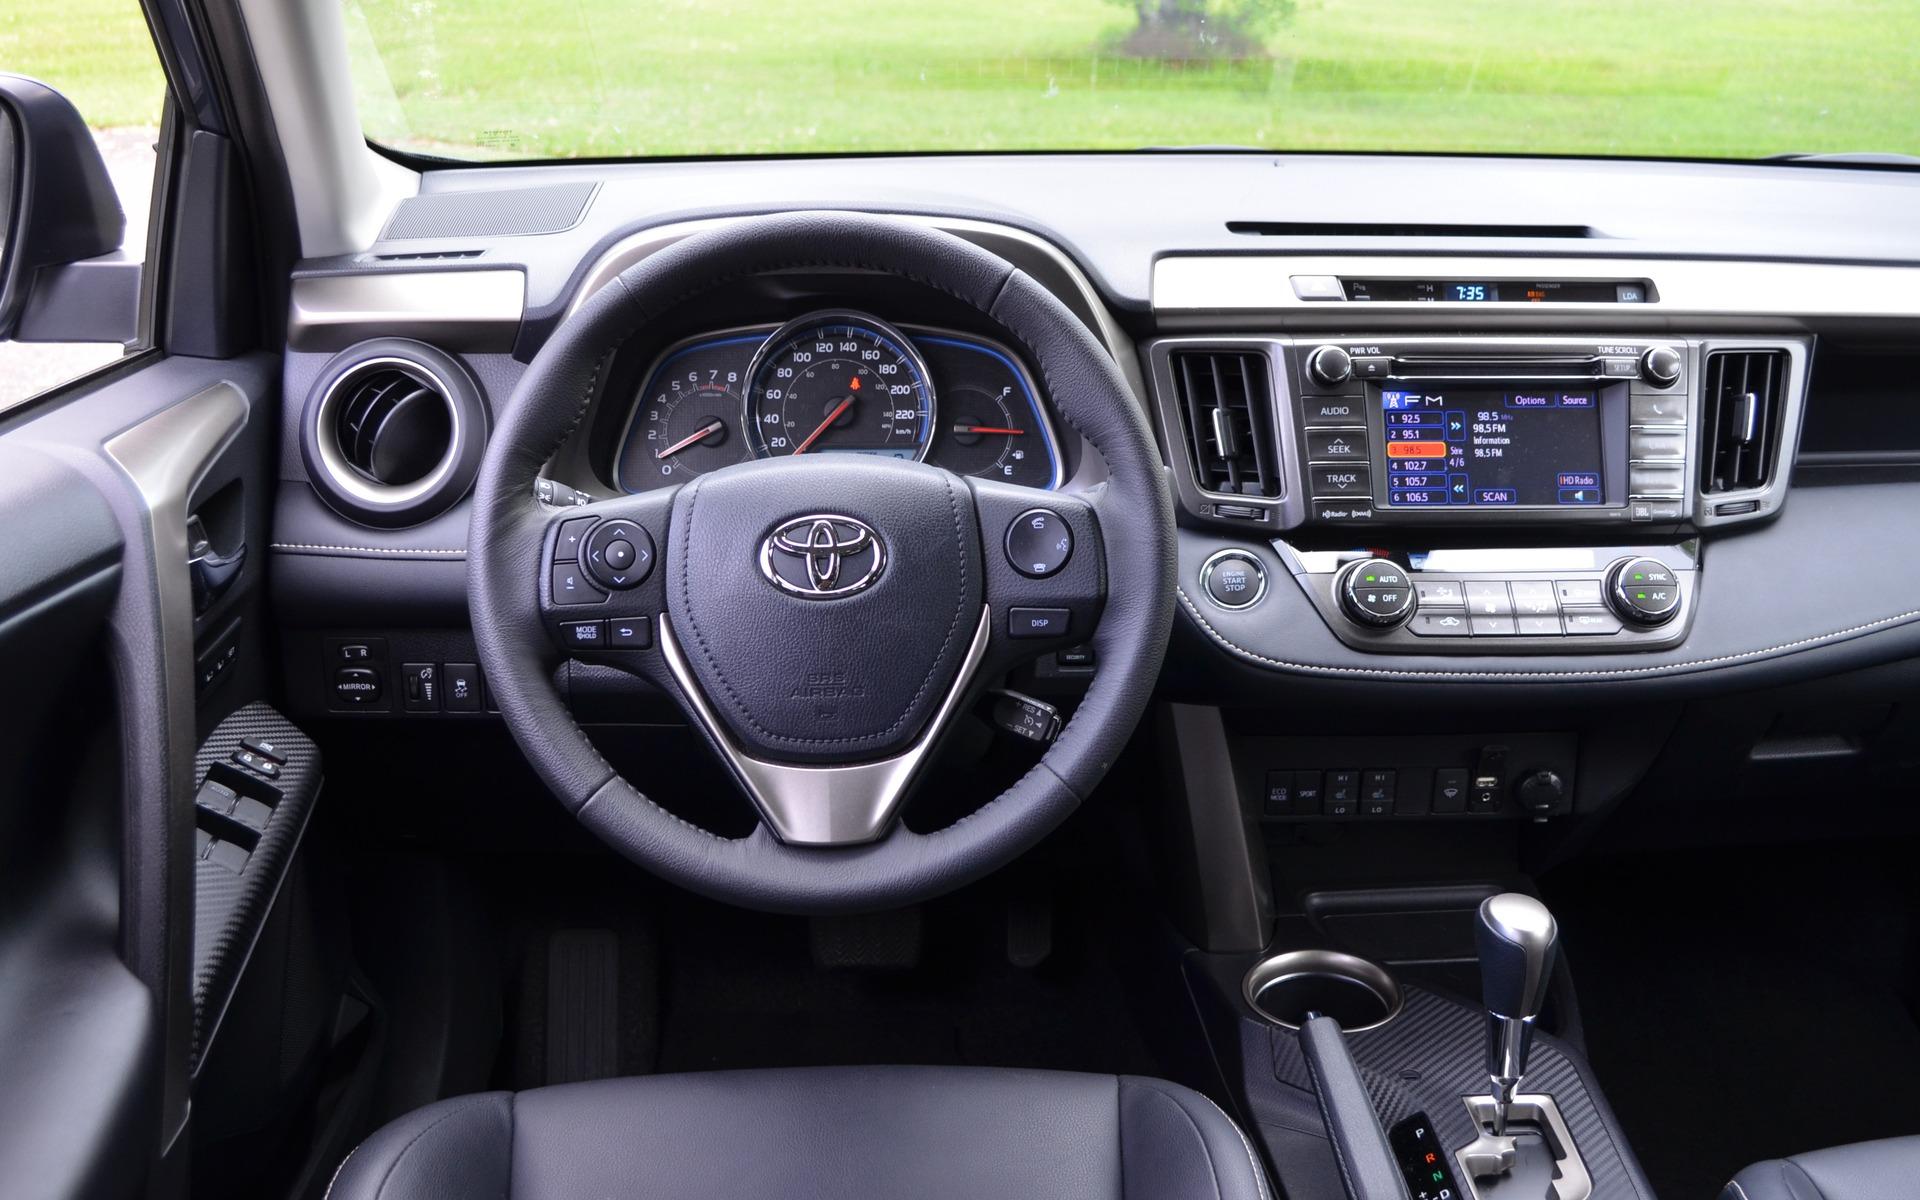 2016 Toyota Rav4 Photos 3 3 The Car Guide